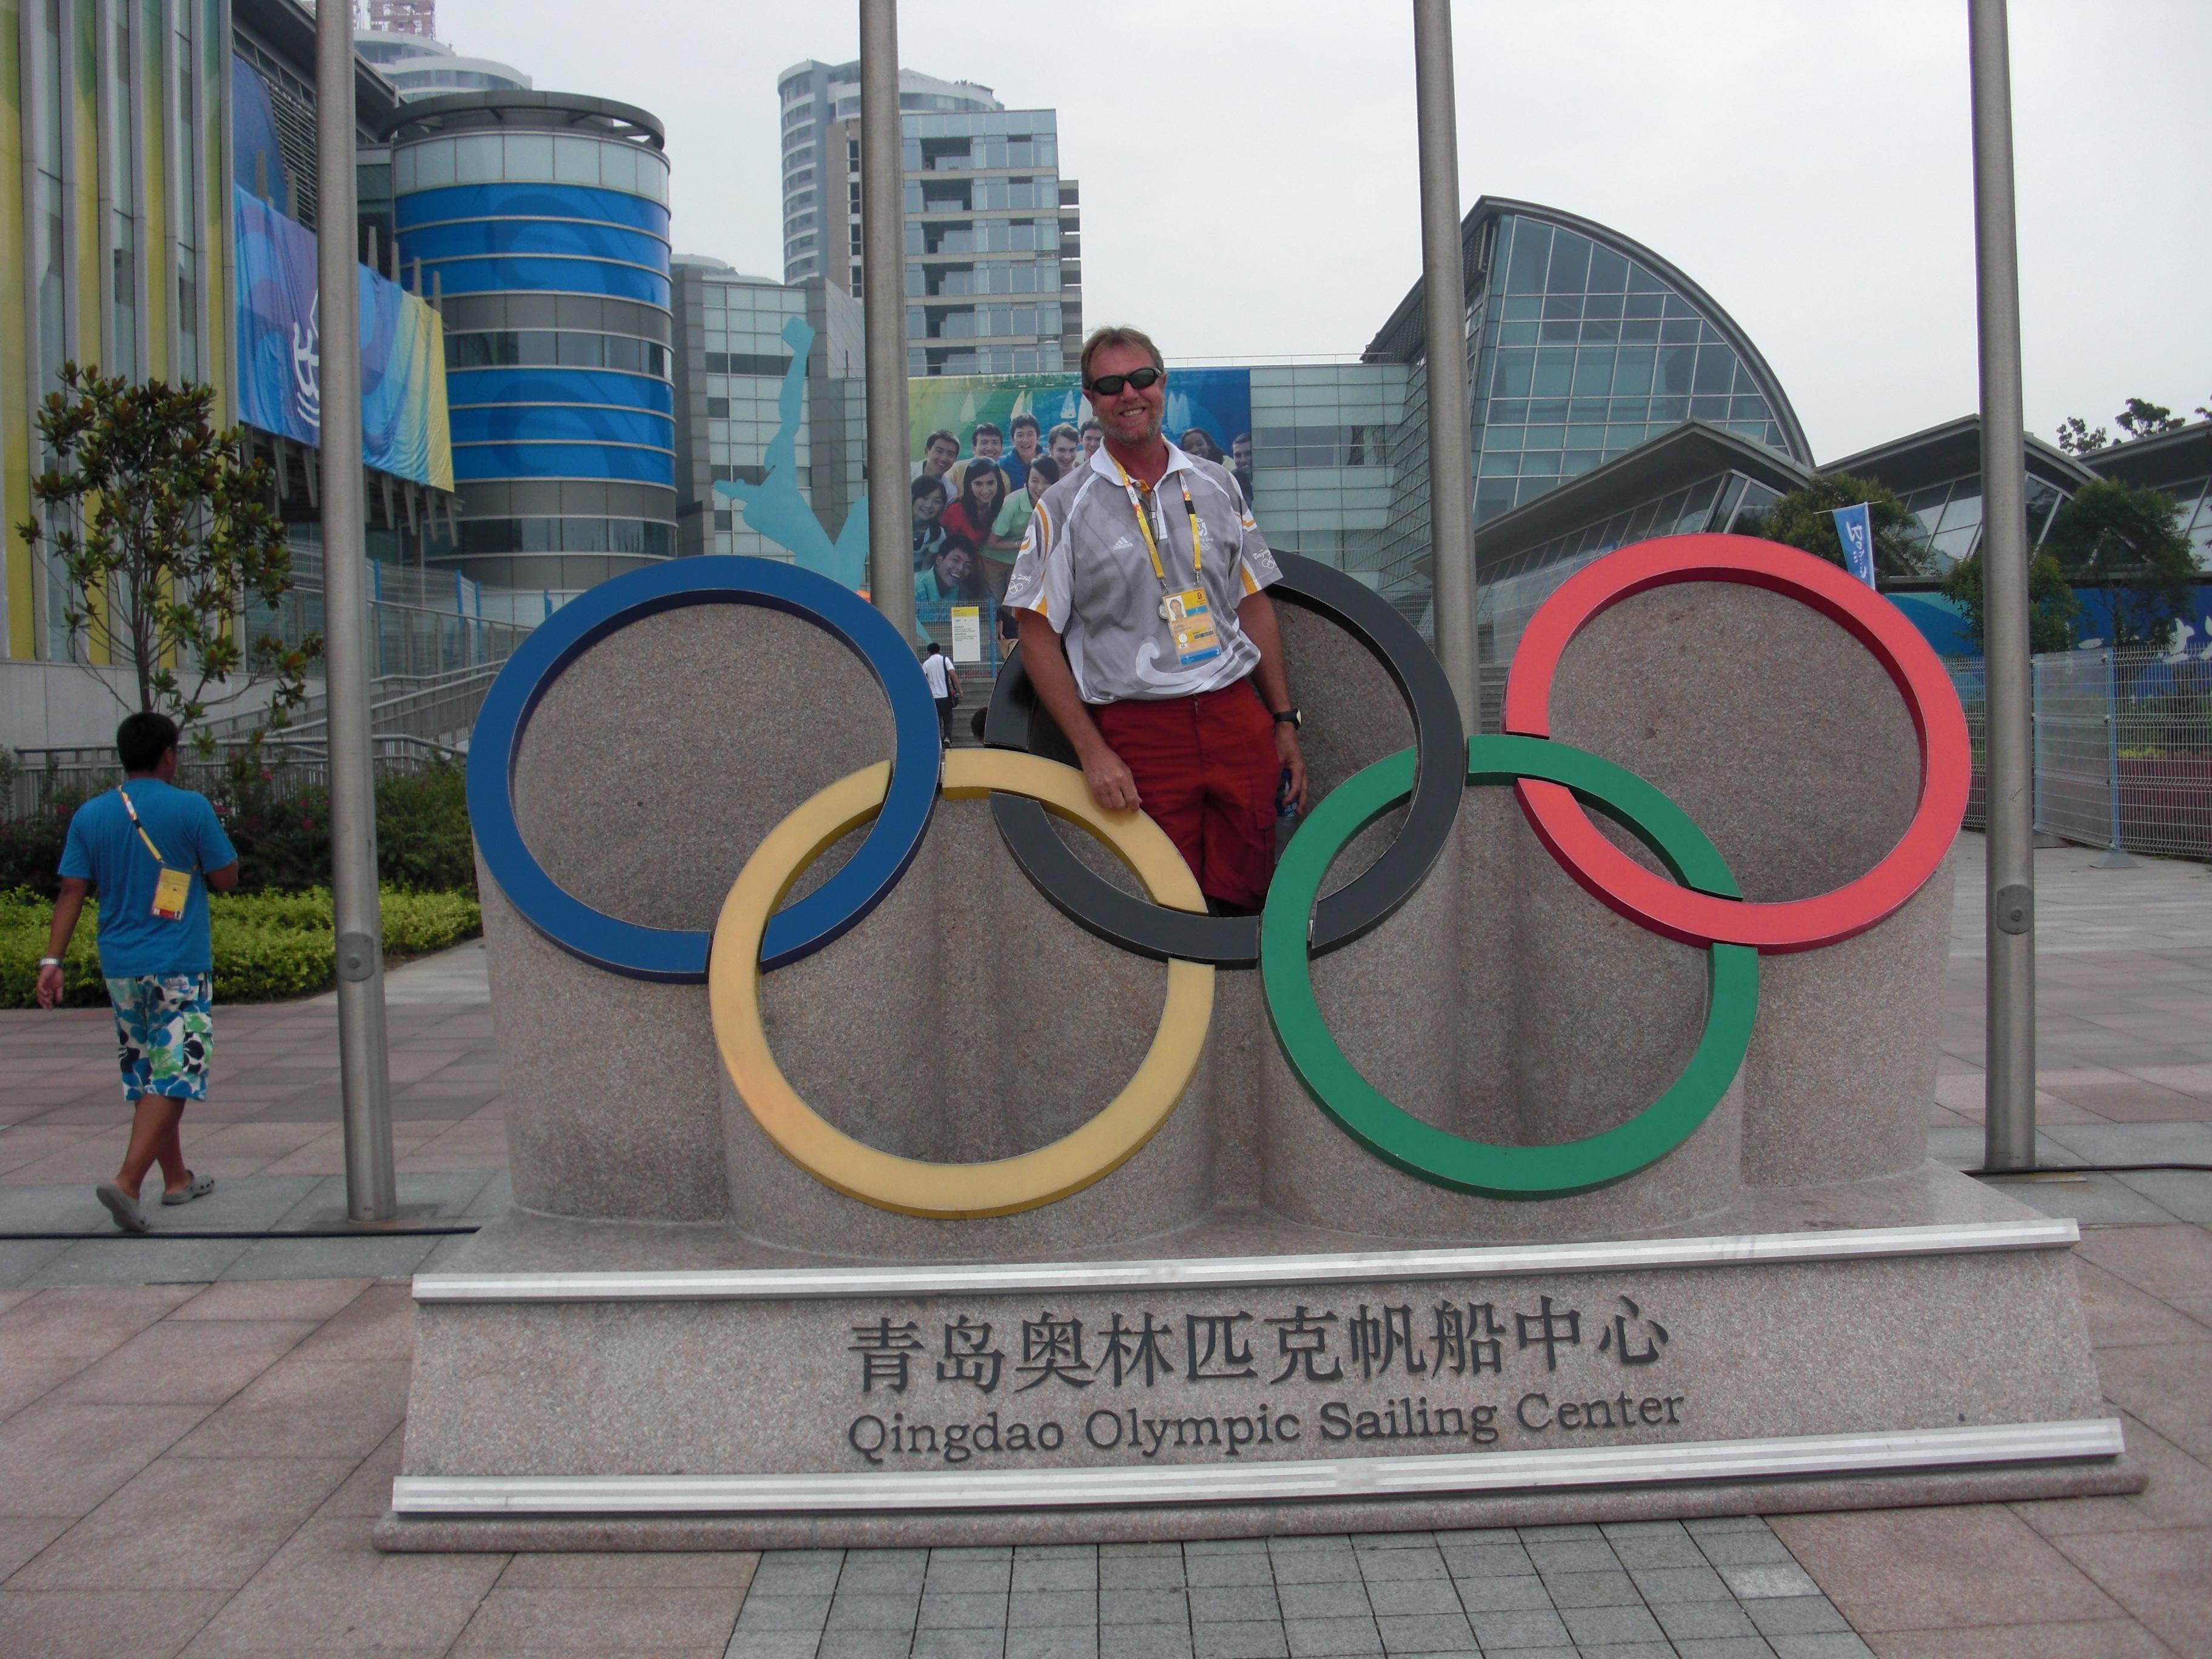 Qingdao 196